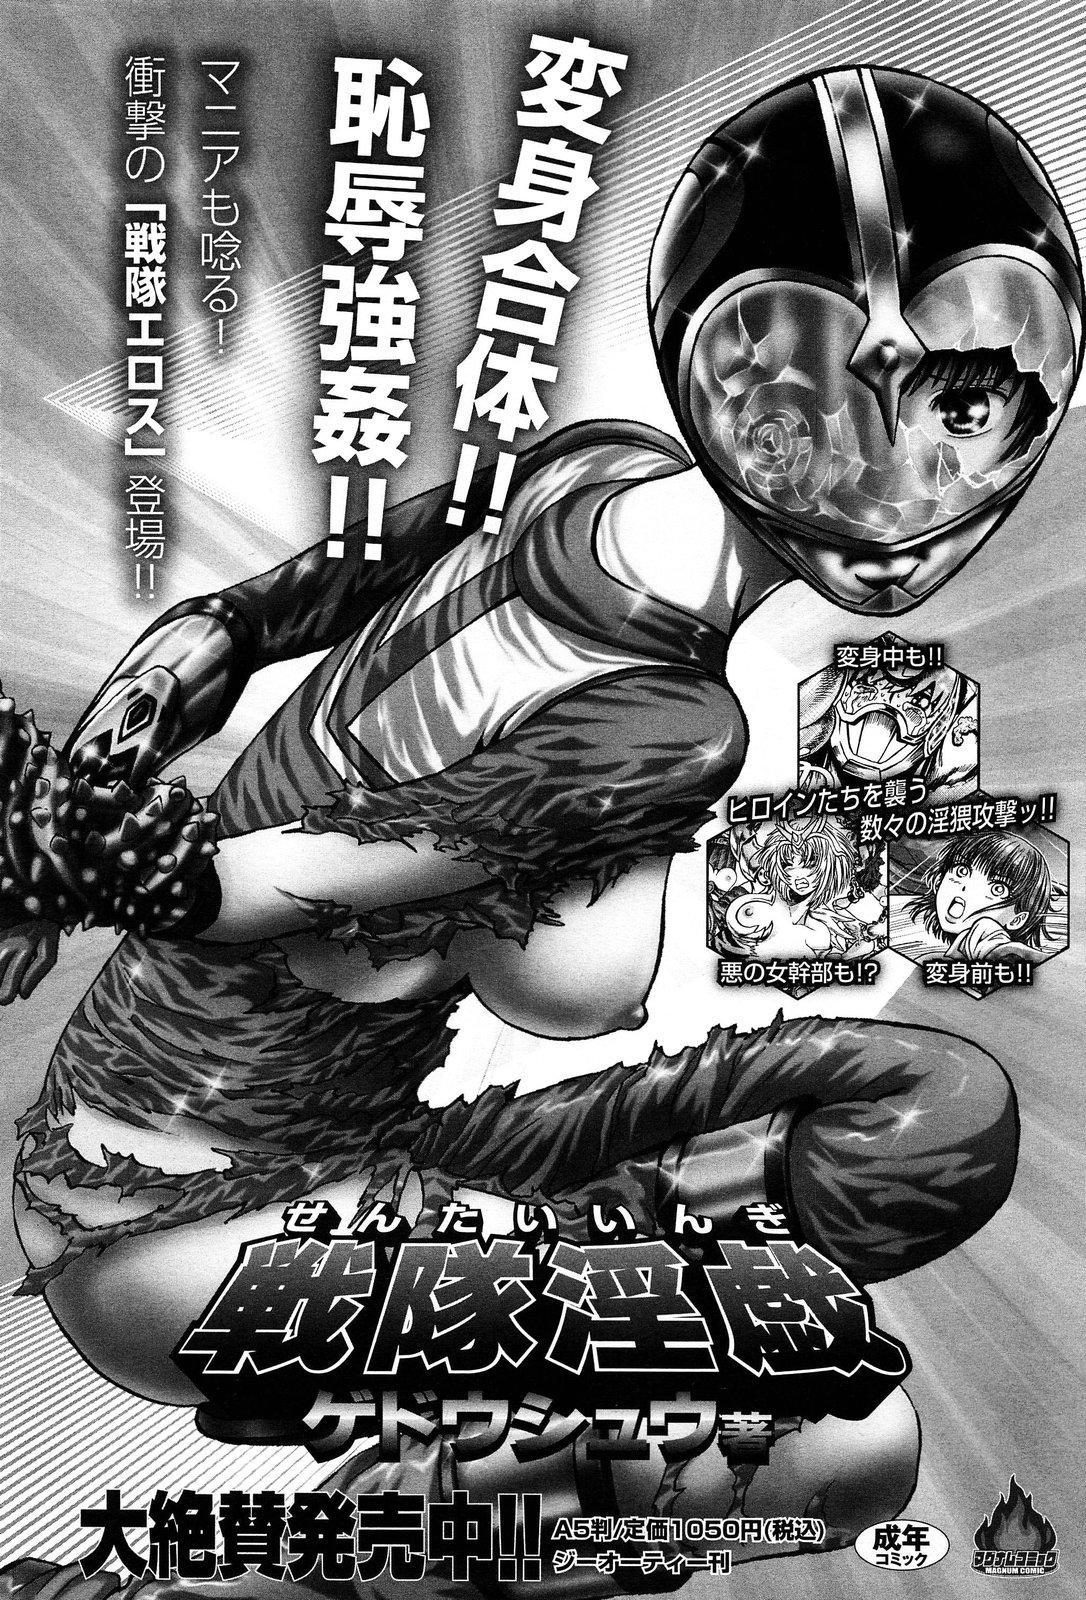 COMIC Anthurium 006 2013-10 71